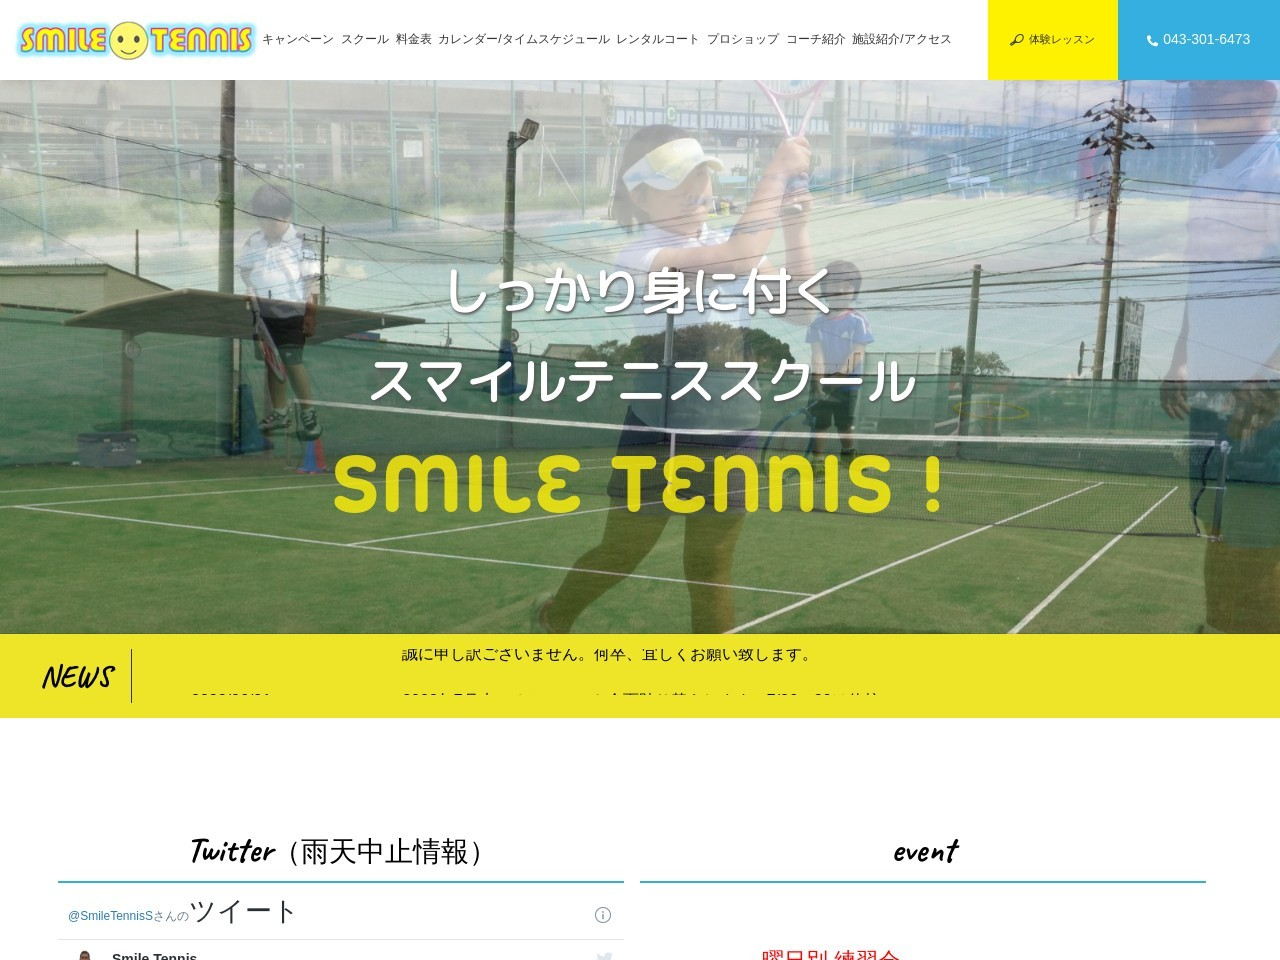 スマイルテニススクール